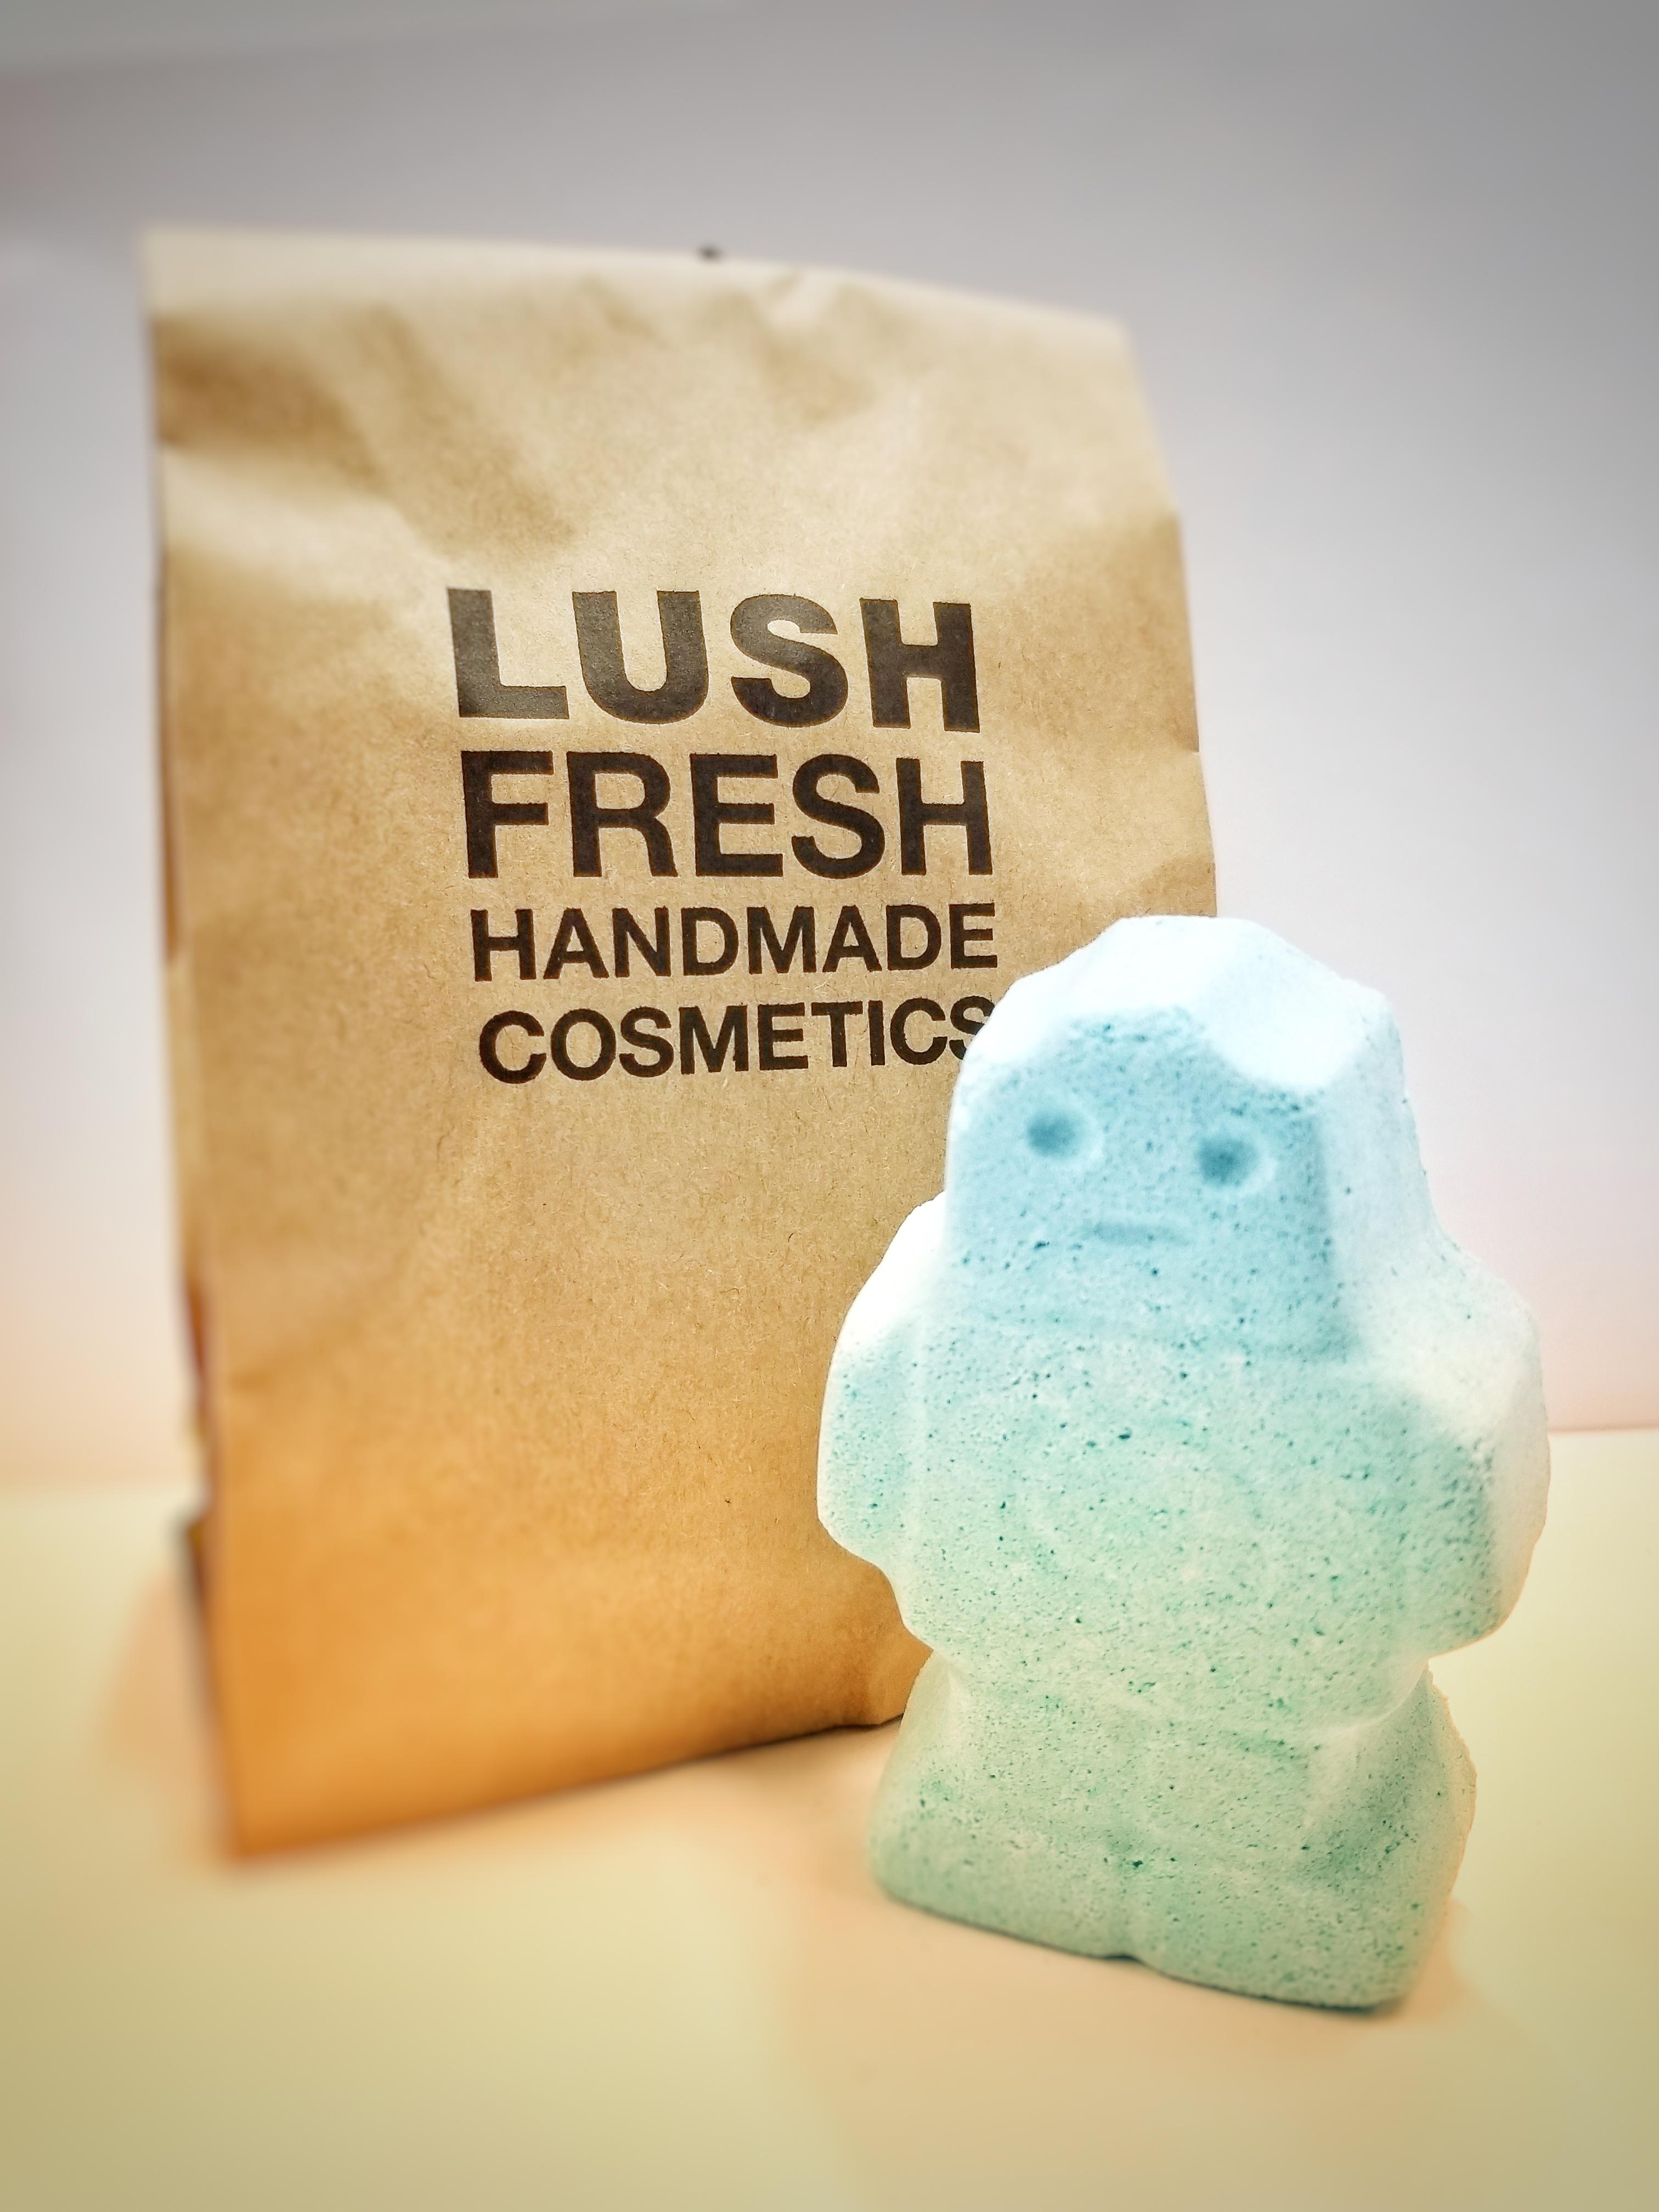 【19/3/15限定!】公式Instagramフォロー&投稿でLush人気商品をプレゼント☆